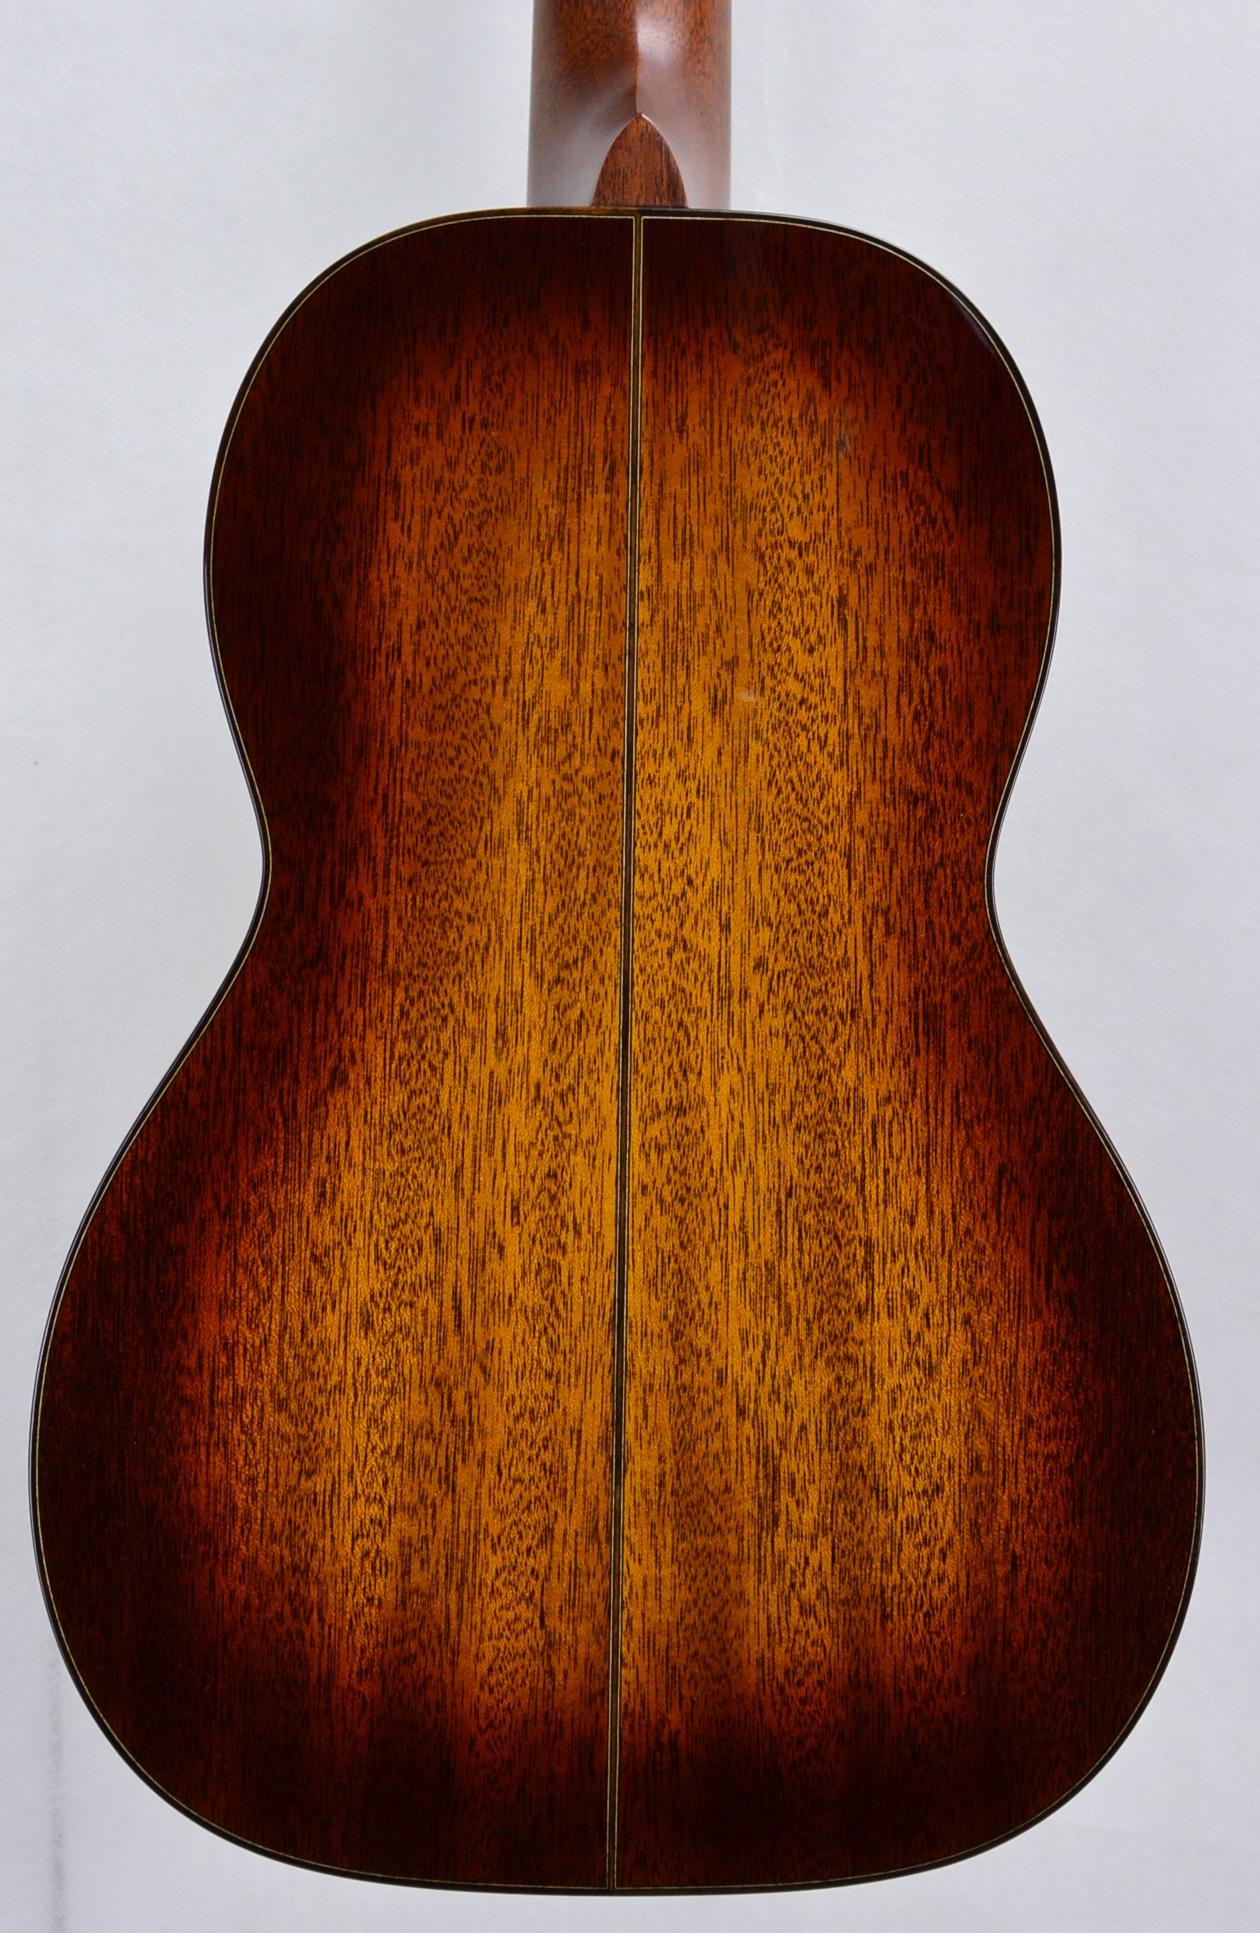 Q-2307924 S-1790610 Size 5 12 fret Mah TBS Amber (3) .JPG